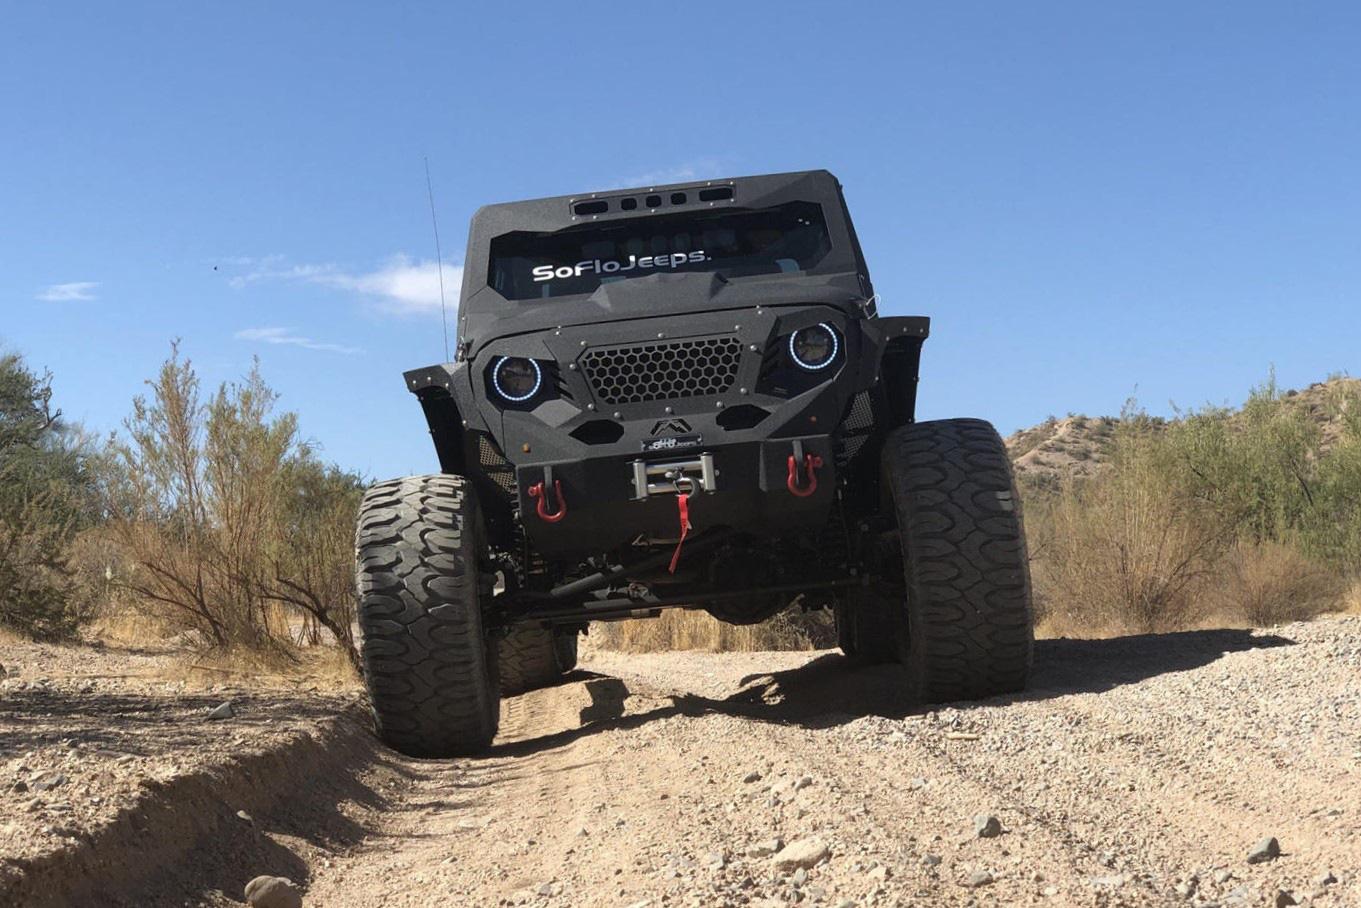 Bản độ Jeep Gladiator 6x6 giá 139.000 USD - Ảnh 6.